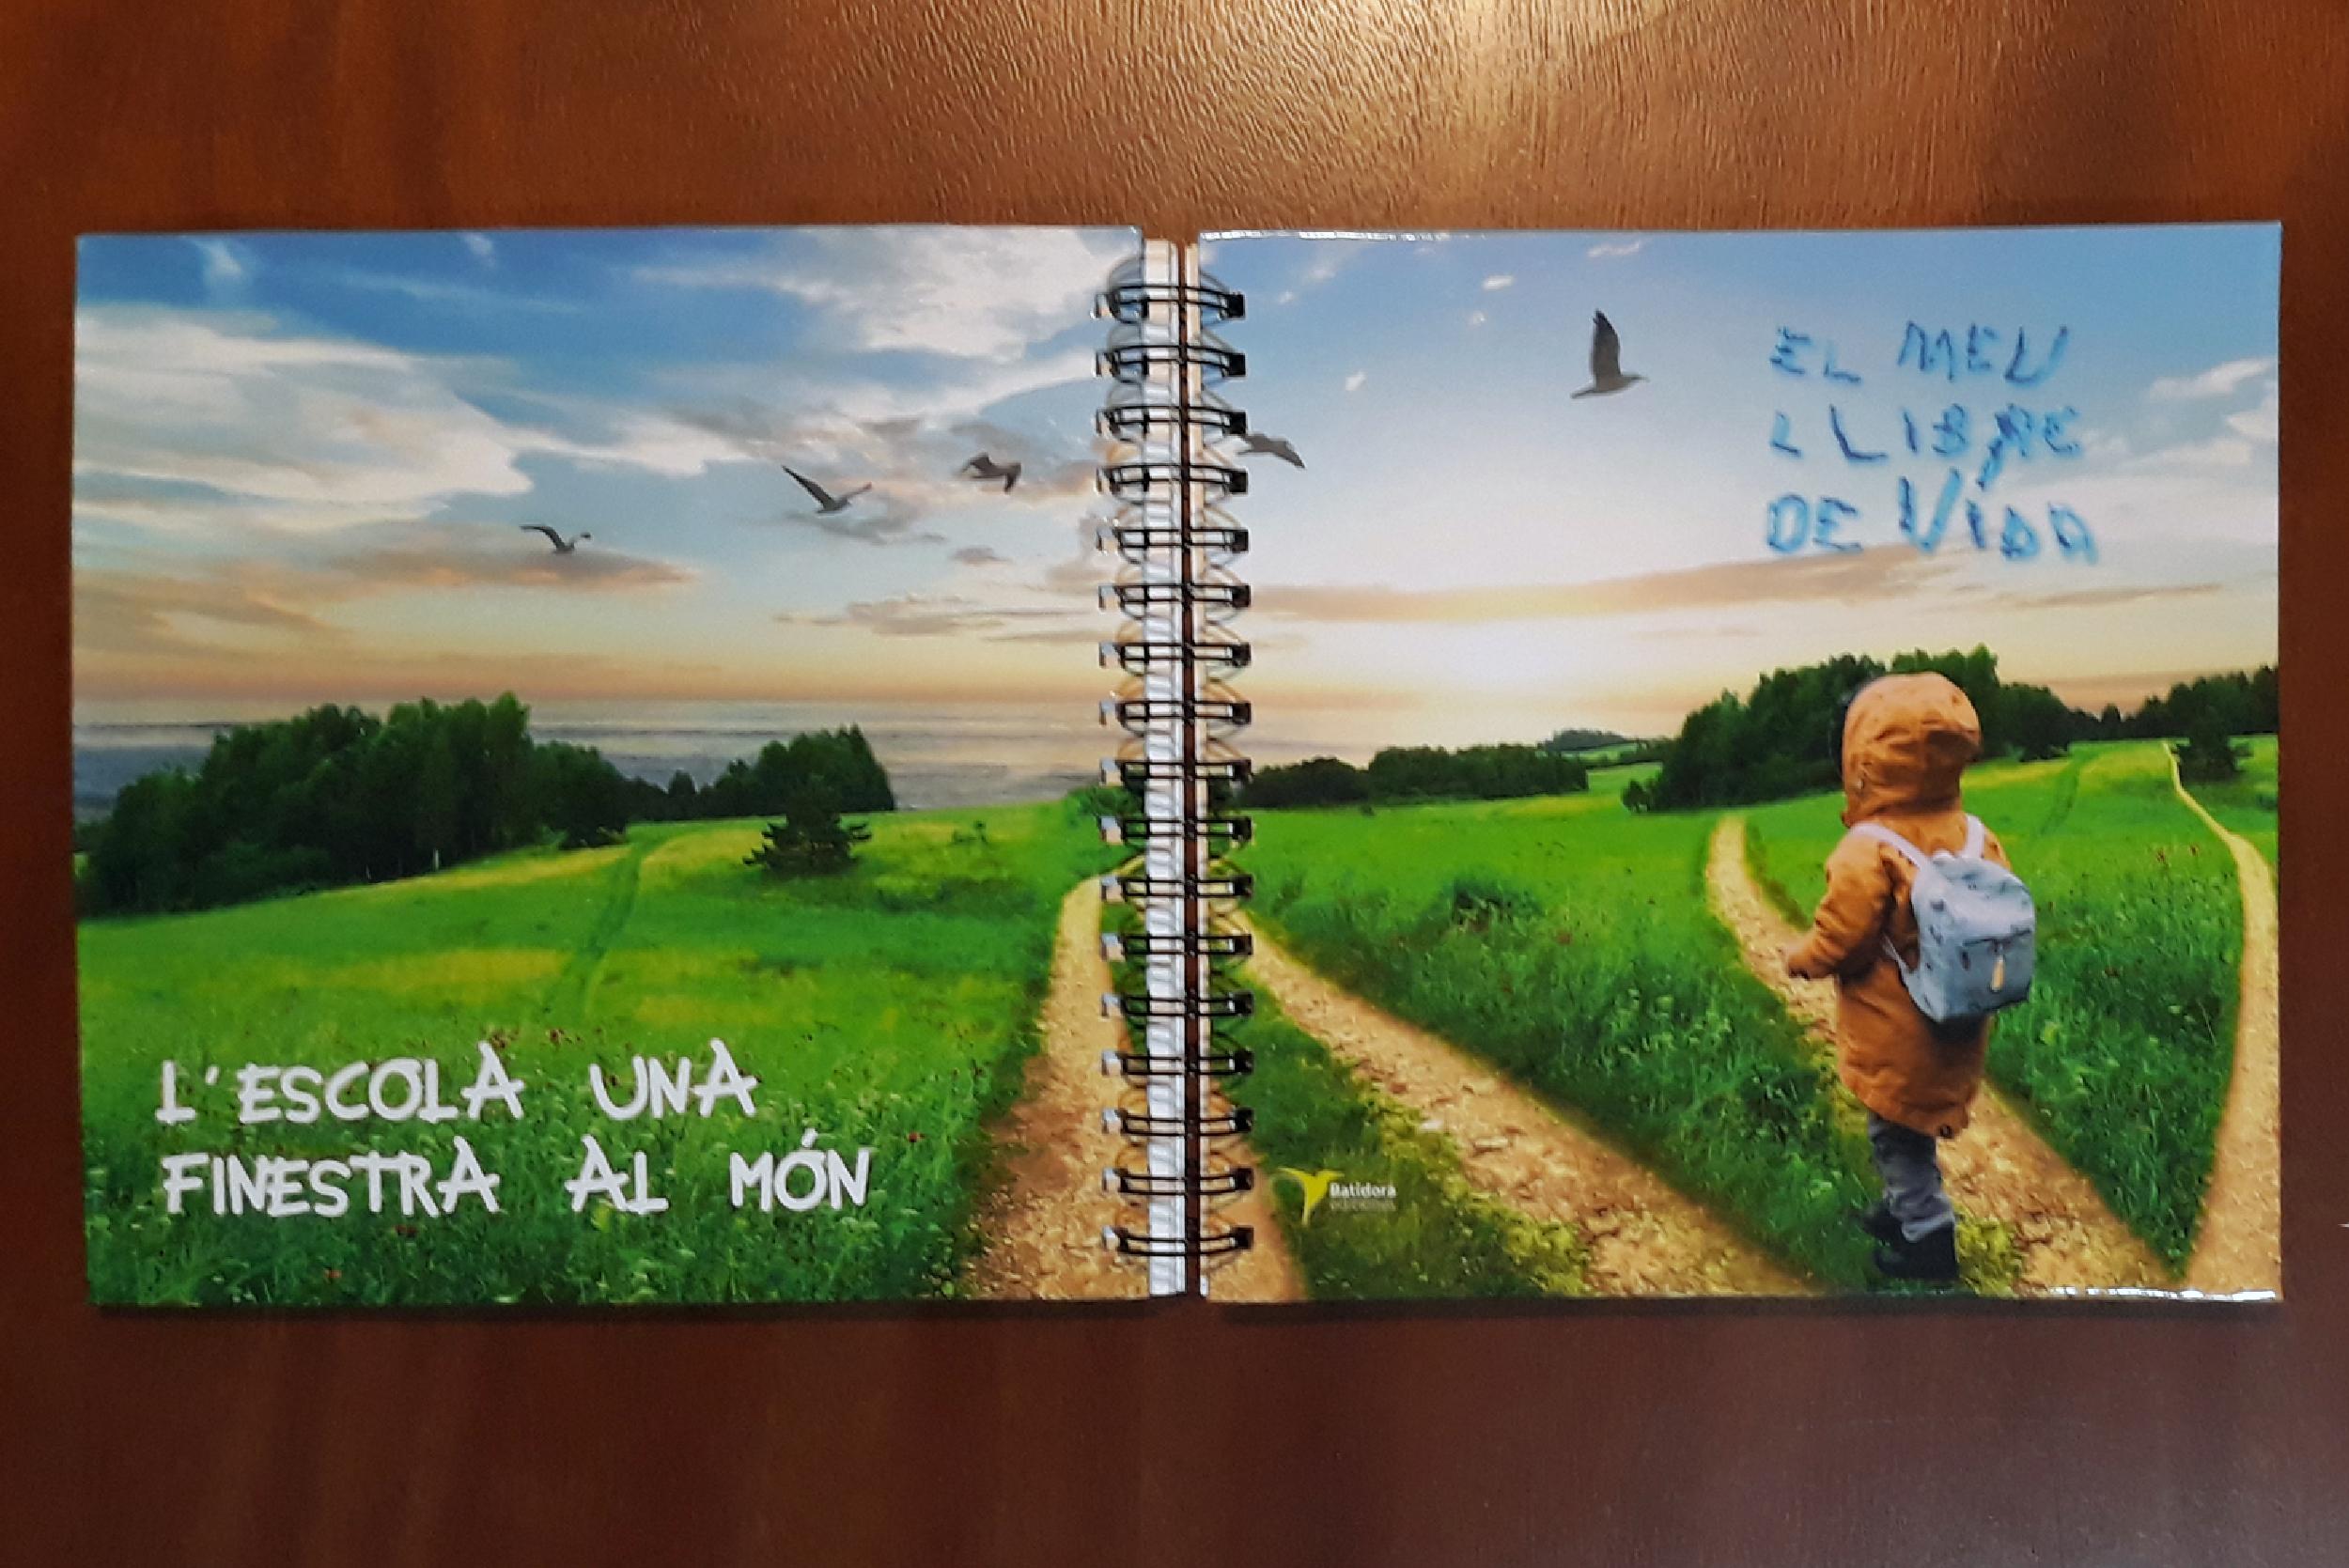 batidora_ediciones-blog-el_meu_llibre_de_vida